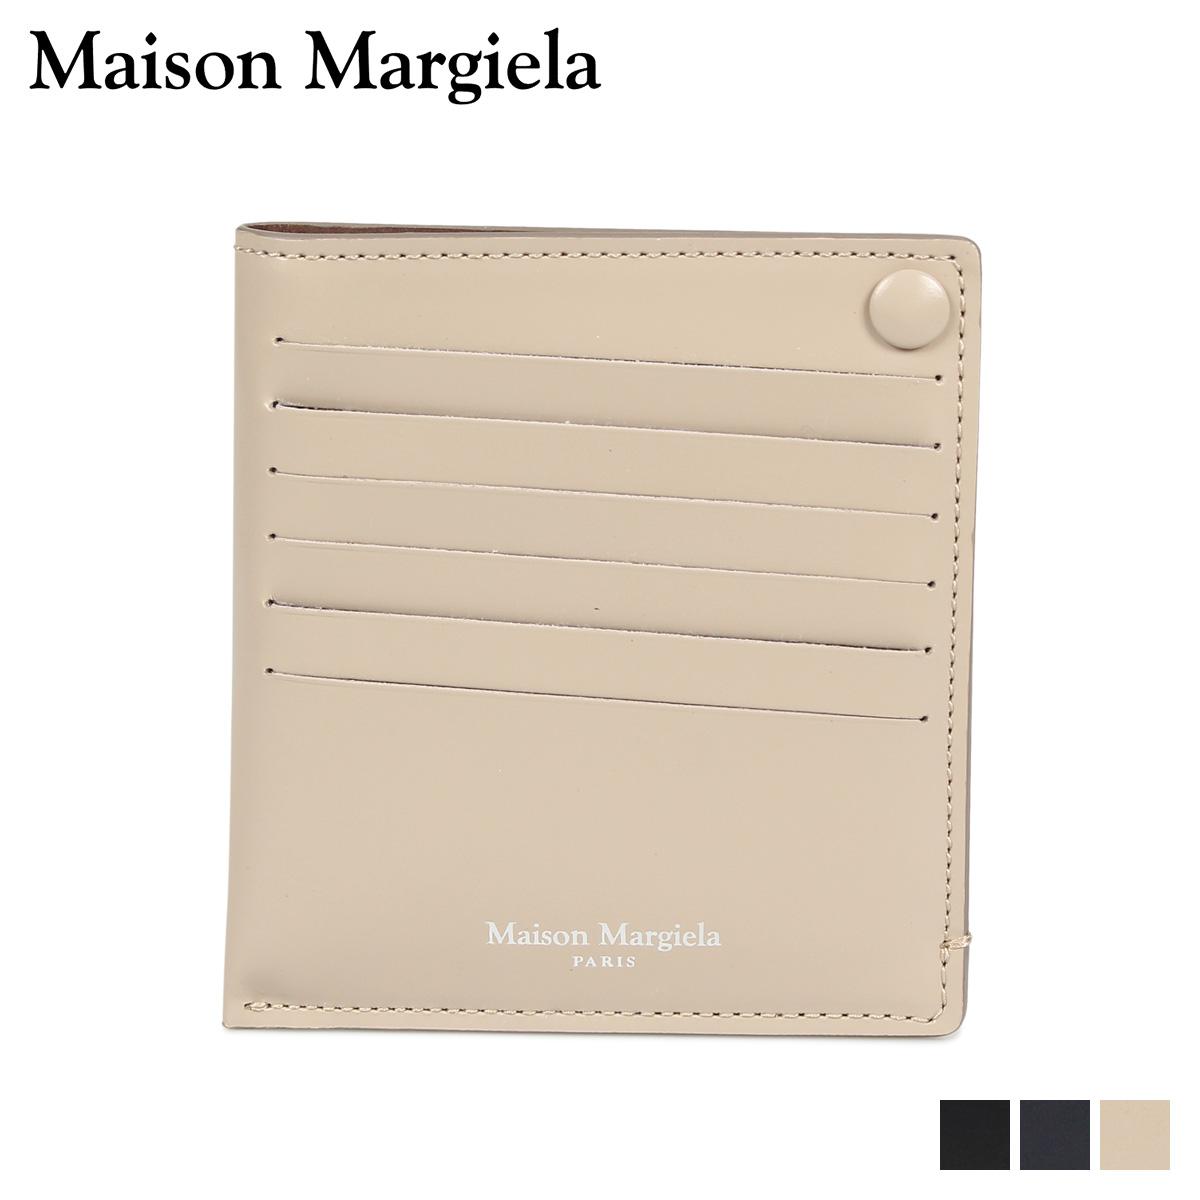 【送料無料】 【あす楽対応】 メゾンマルジェラ MAISON MARGIELA カードケース パスケース 【最大2000円OFFクーポン】 メゾンマルジェラ MAISON MARGIELA カードケース 名刺入れ 定期入れ メンズ レディース CARD CASE レザー ブラック ダーク ネイビー ベージュ 黒 S55UI0201 P2714 [10/9 新入荷]